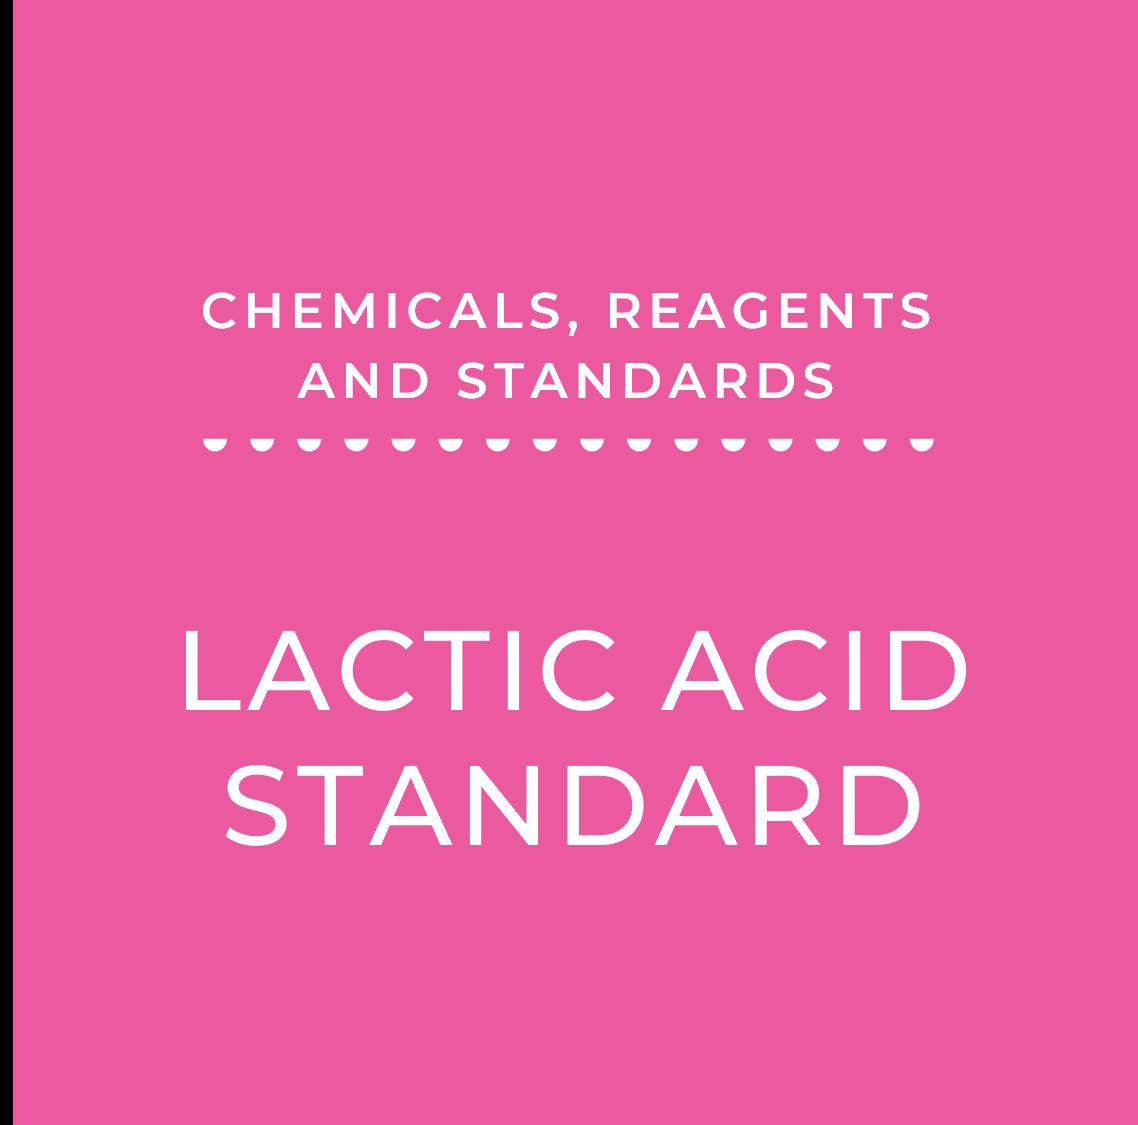 Lactic Acid Standard, 200 mg/100 mL